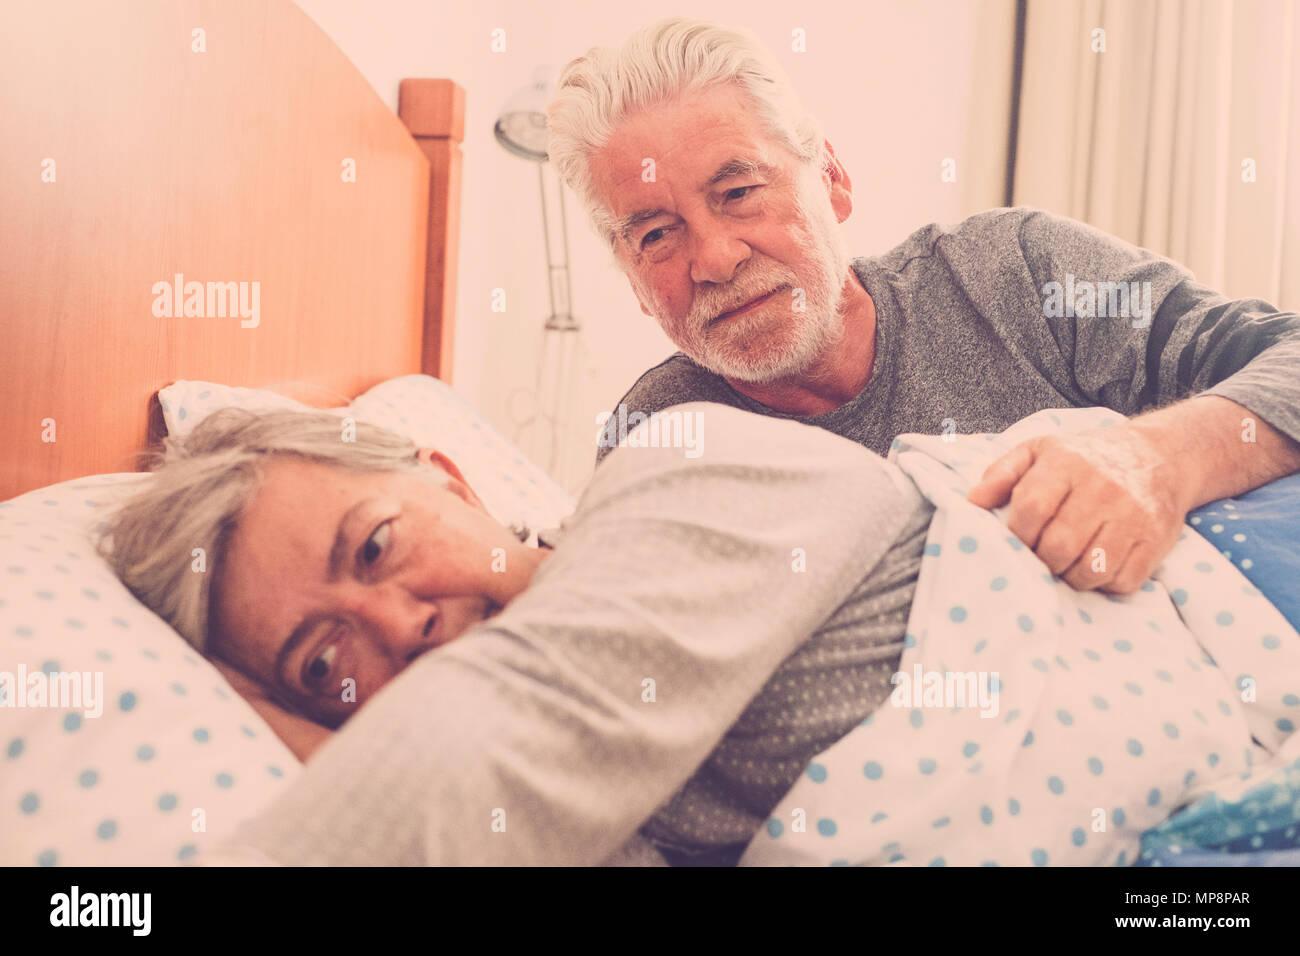 Des profils d'âge mûr se réveiller vie après la nuit. chambre à coucher avec fenêtre scène lumière naturelle. L'amour pour toujours ensemble et belle vie. concept h blanc Photo Stock